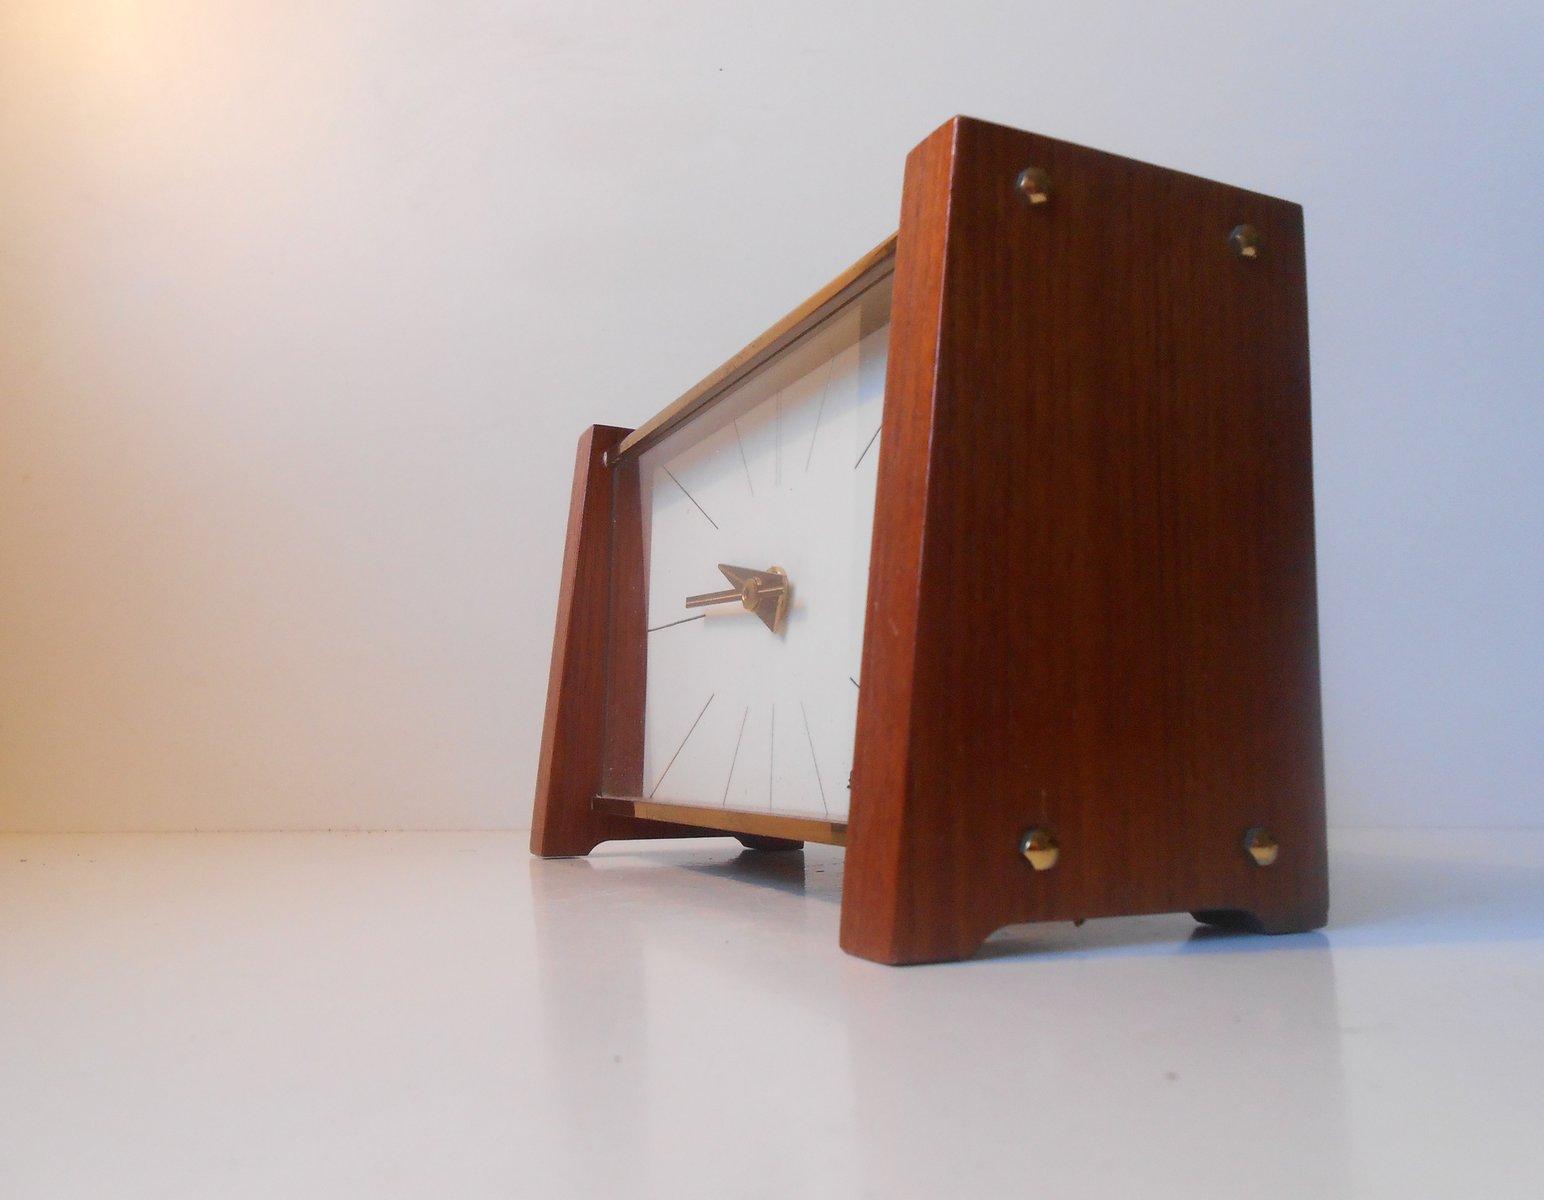 mid century modern tischuhr von ankra bei pamono kaufen. Black Bedroom Furniture Sets. Home Design Ideas